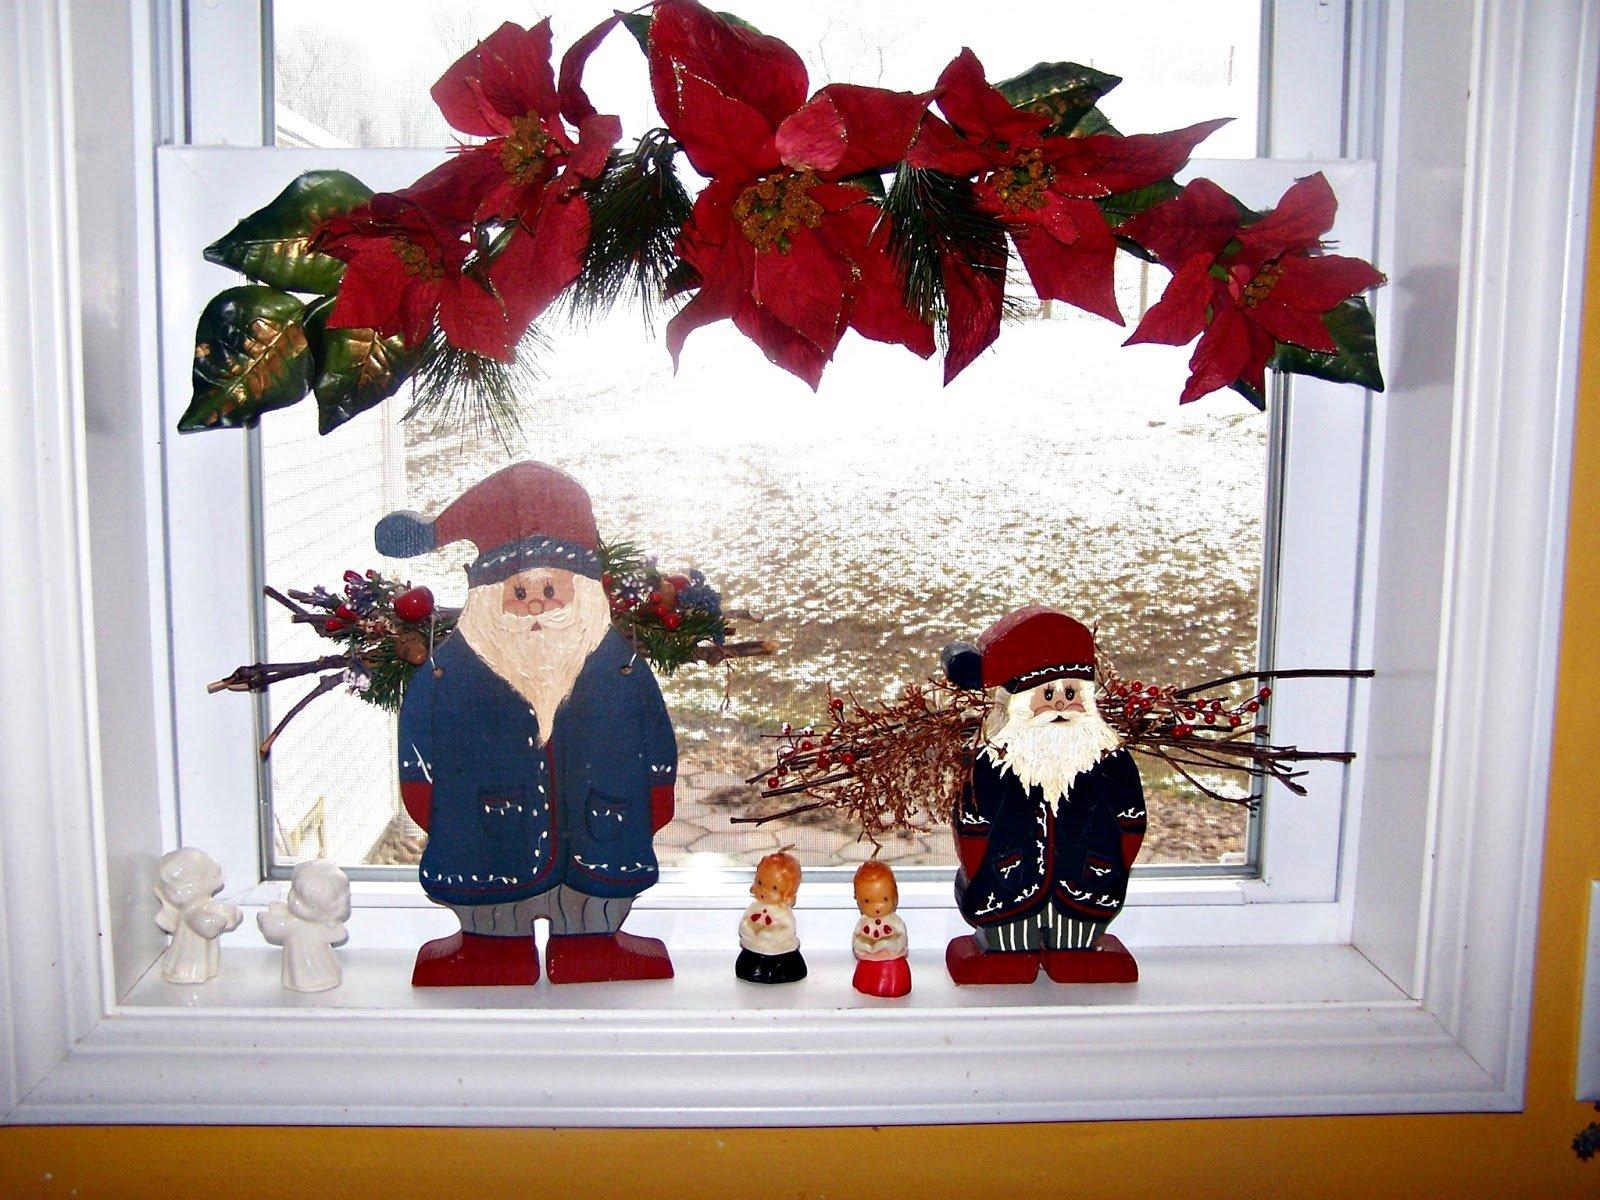 Window decorations for christmas homesfeed - Decoracion de navidad para oficina ...